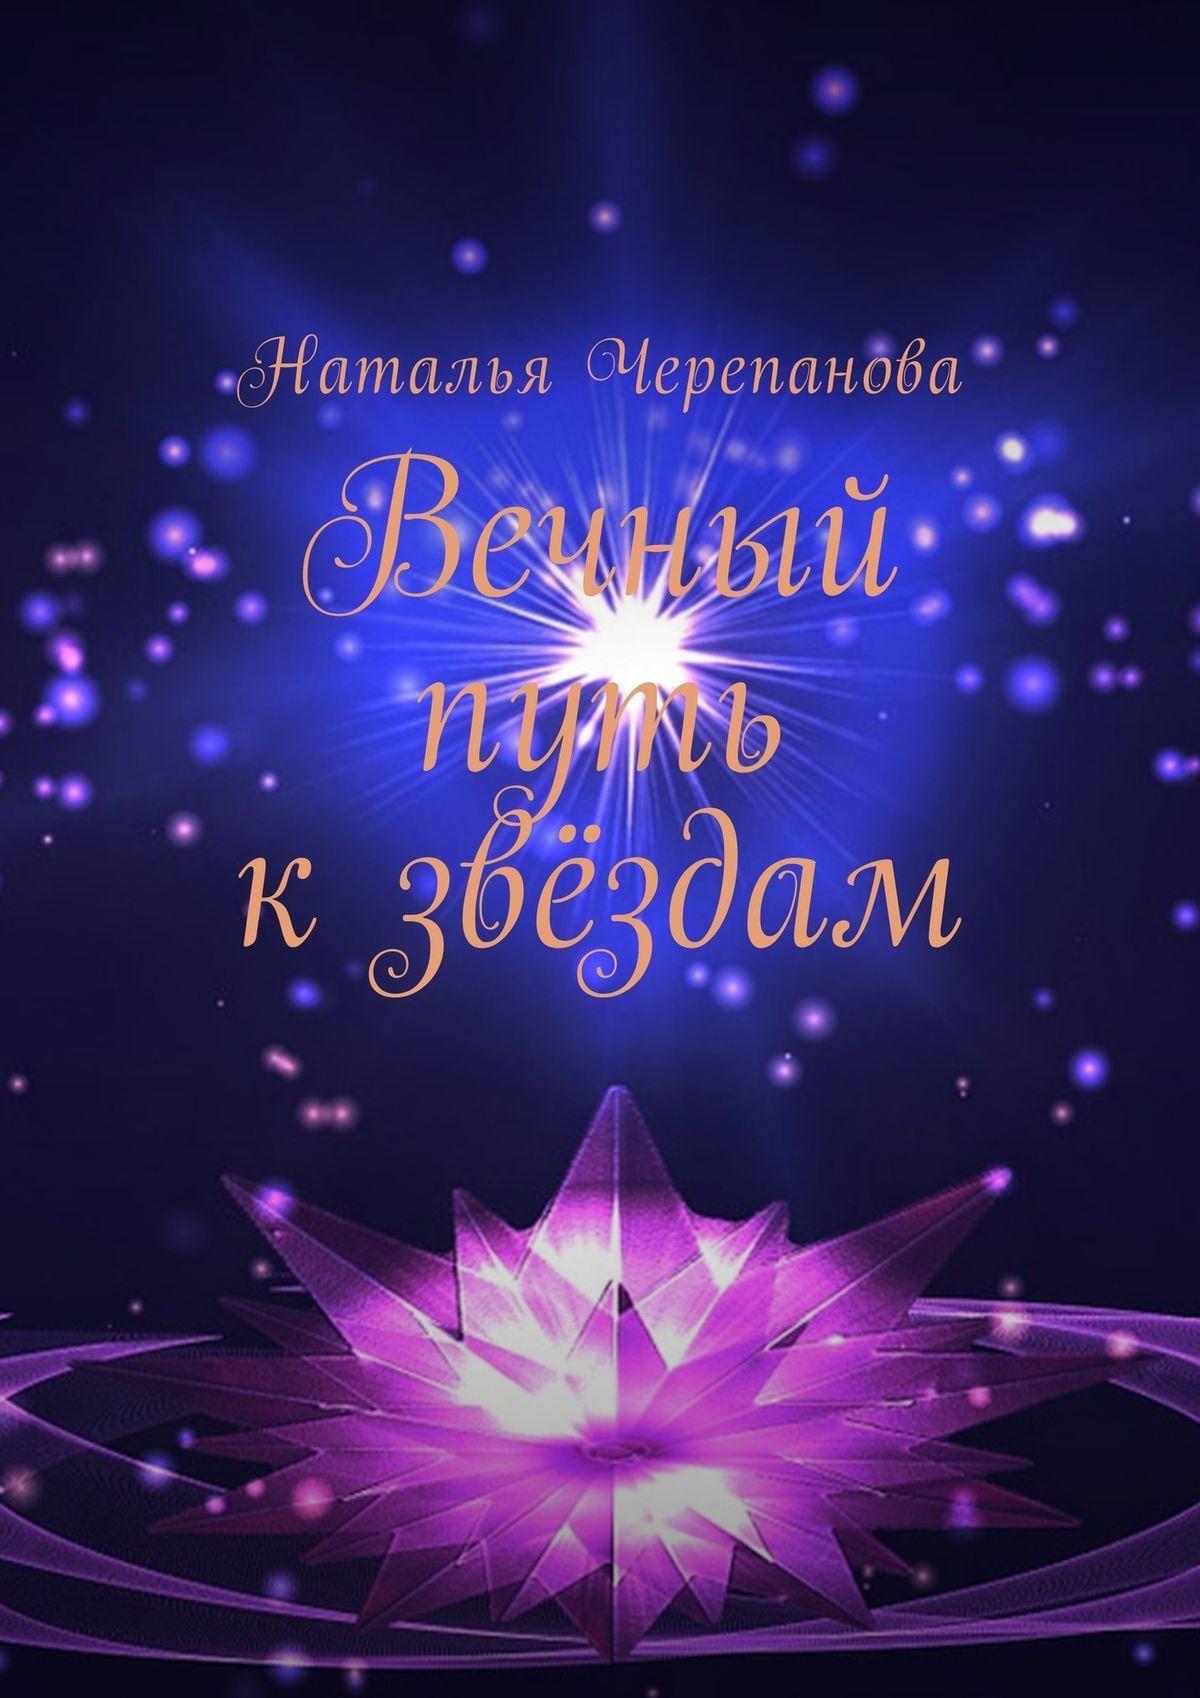 Наталья Черепанова бесплатно